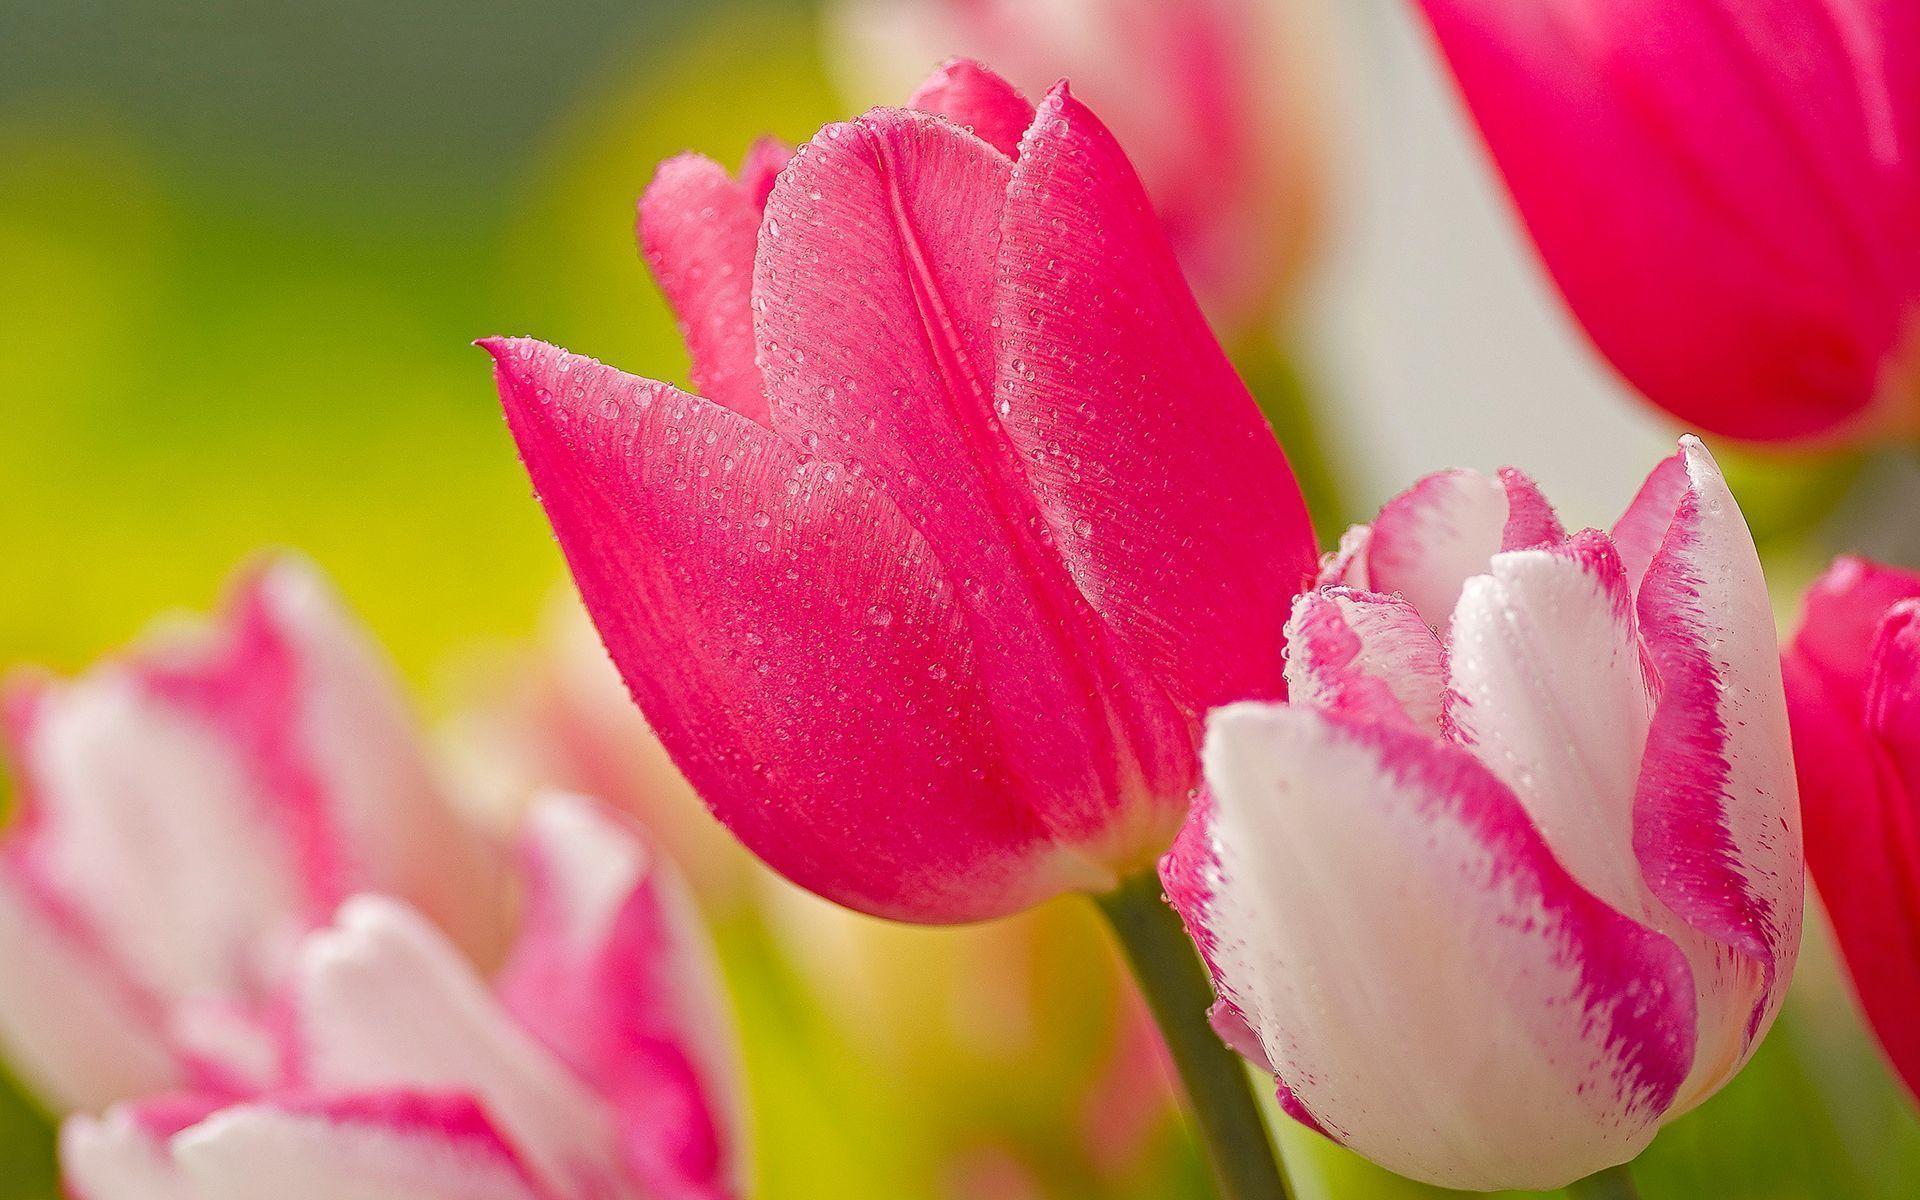 Hot Pink Flower Wallpaper 08 1920x1200